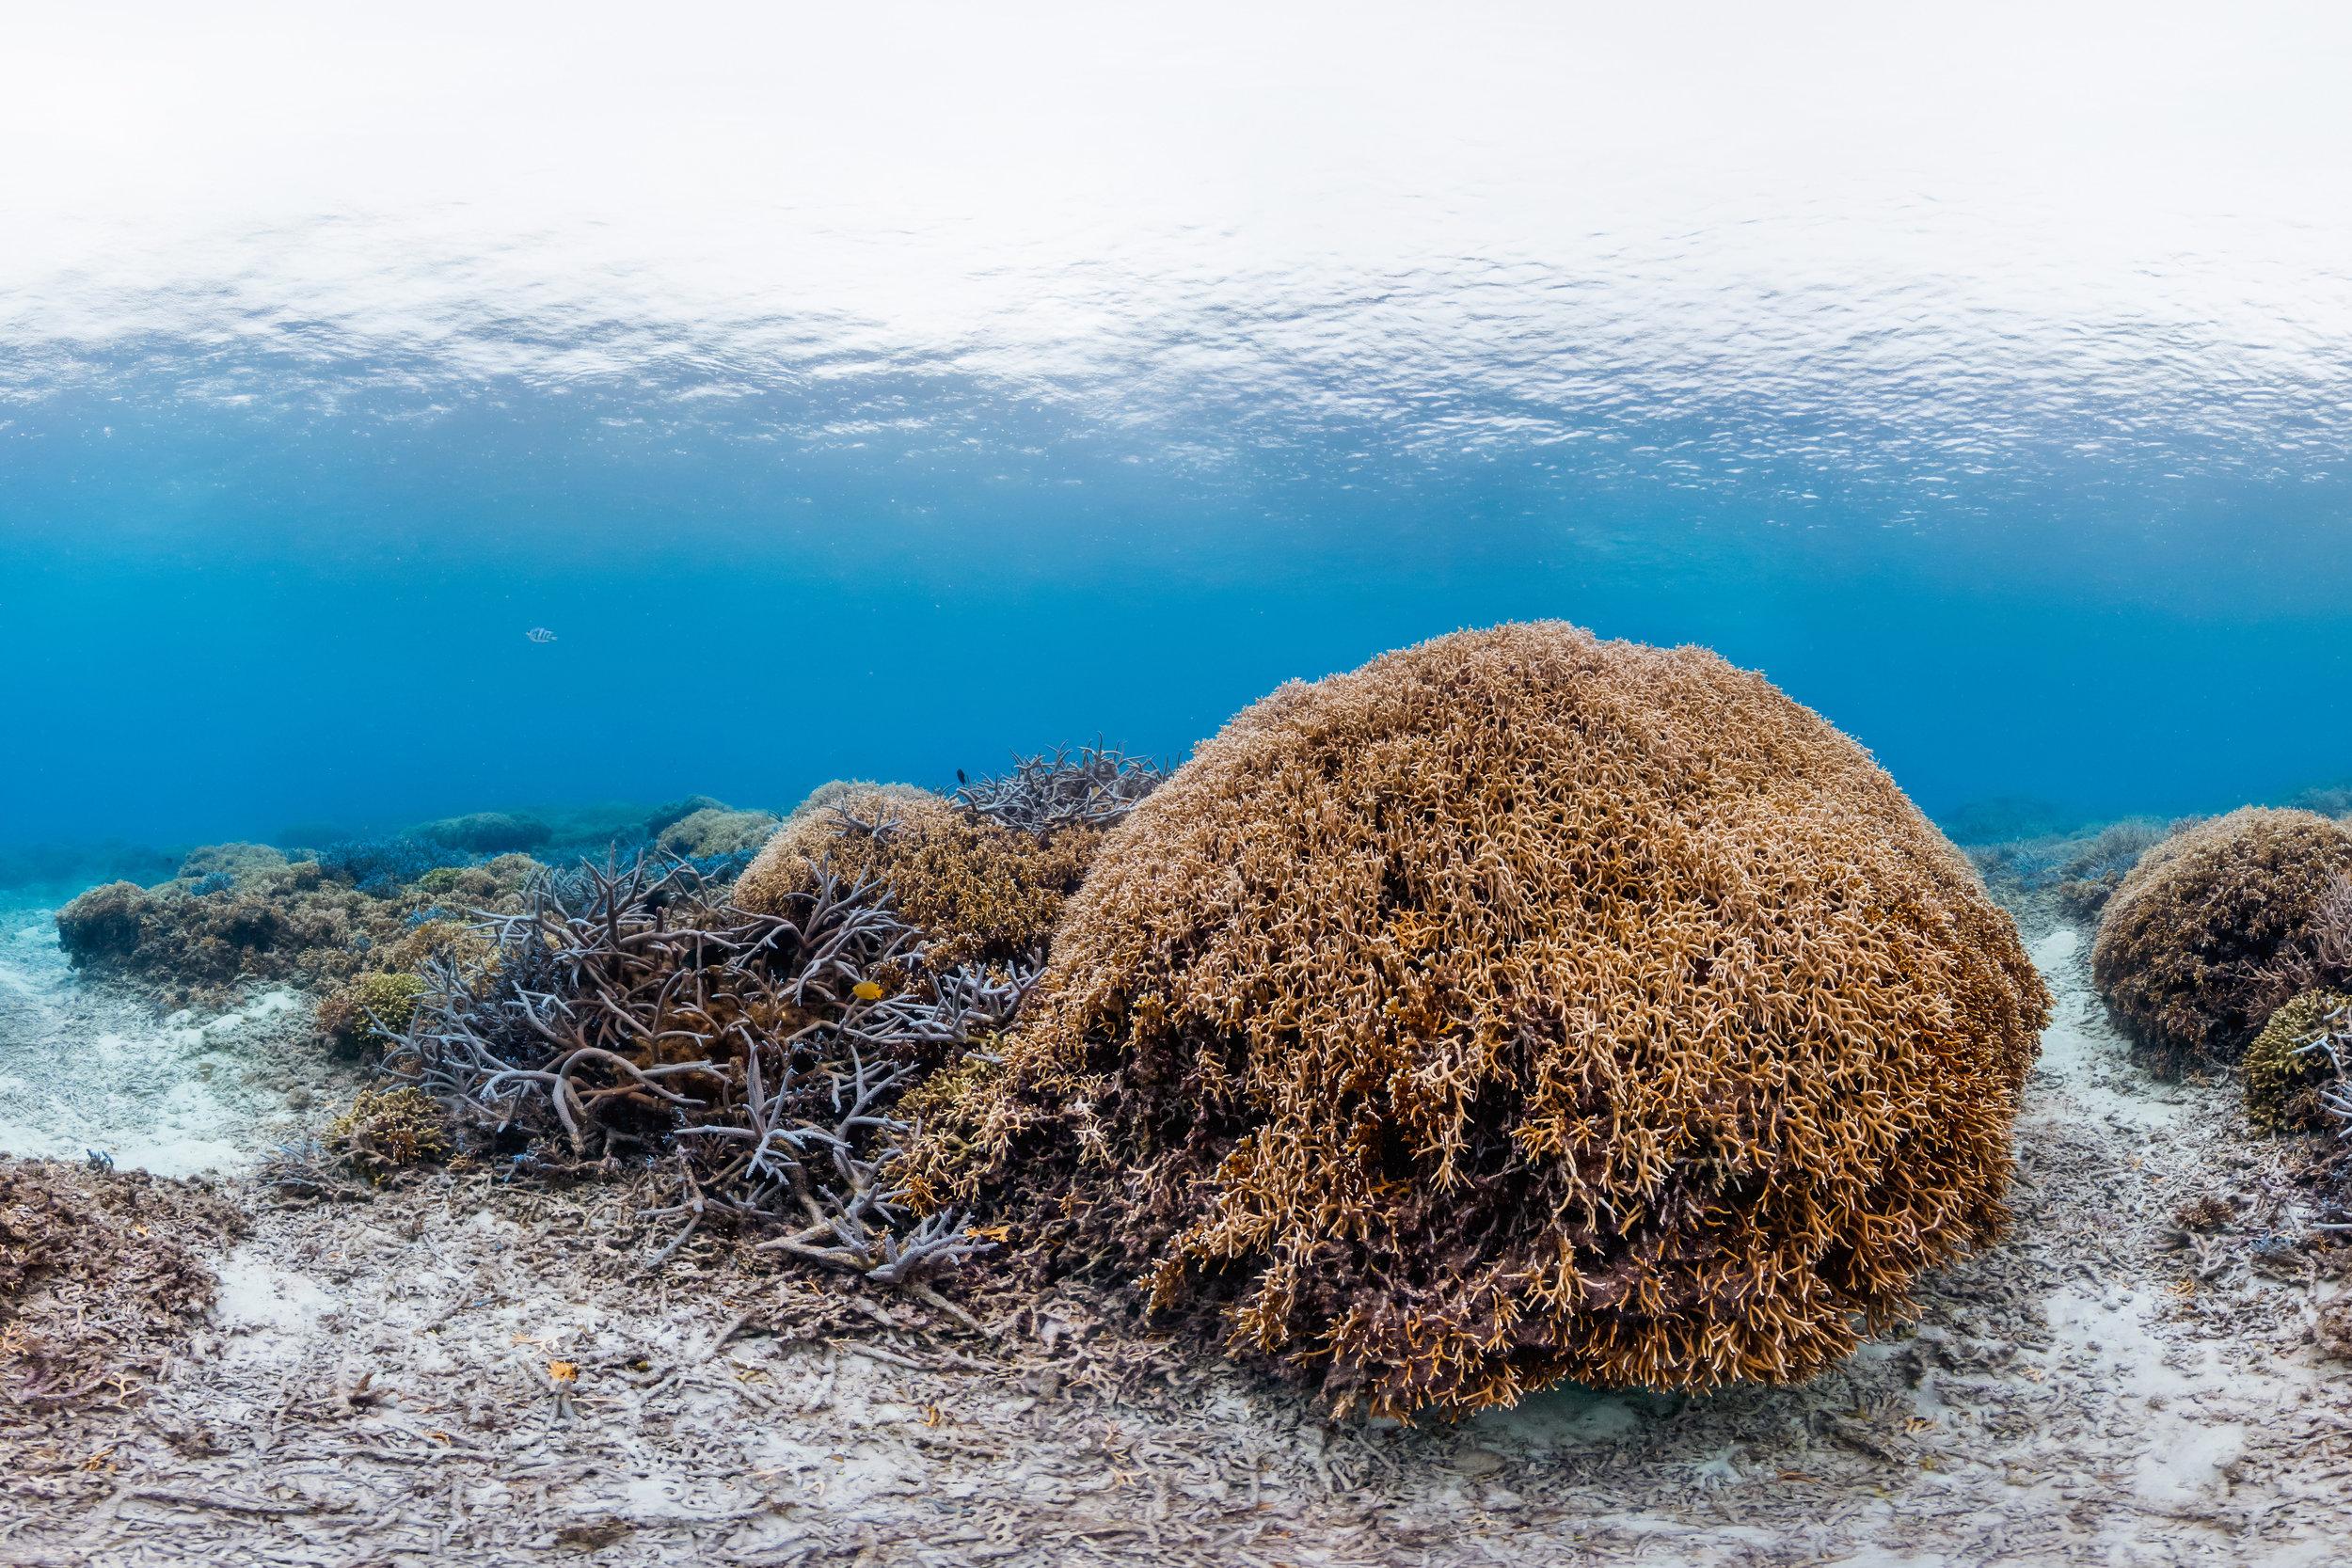 Tokashiki, Okinawa, JAPAN CREDIT: THE OCEAN AGENCY / CORAL REEF IMAGE BANK